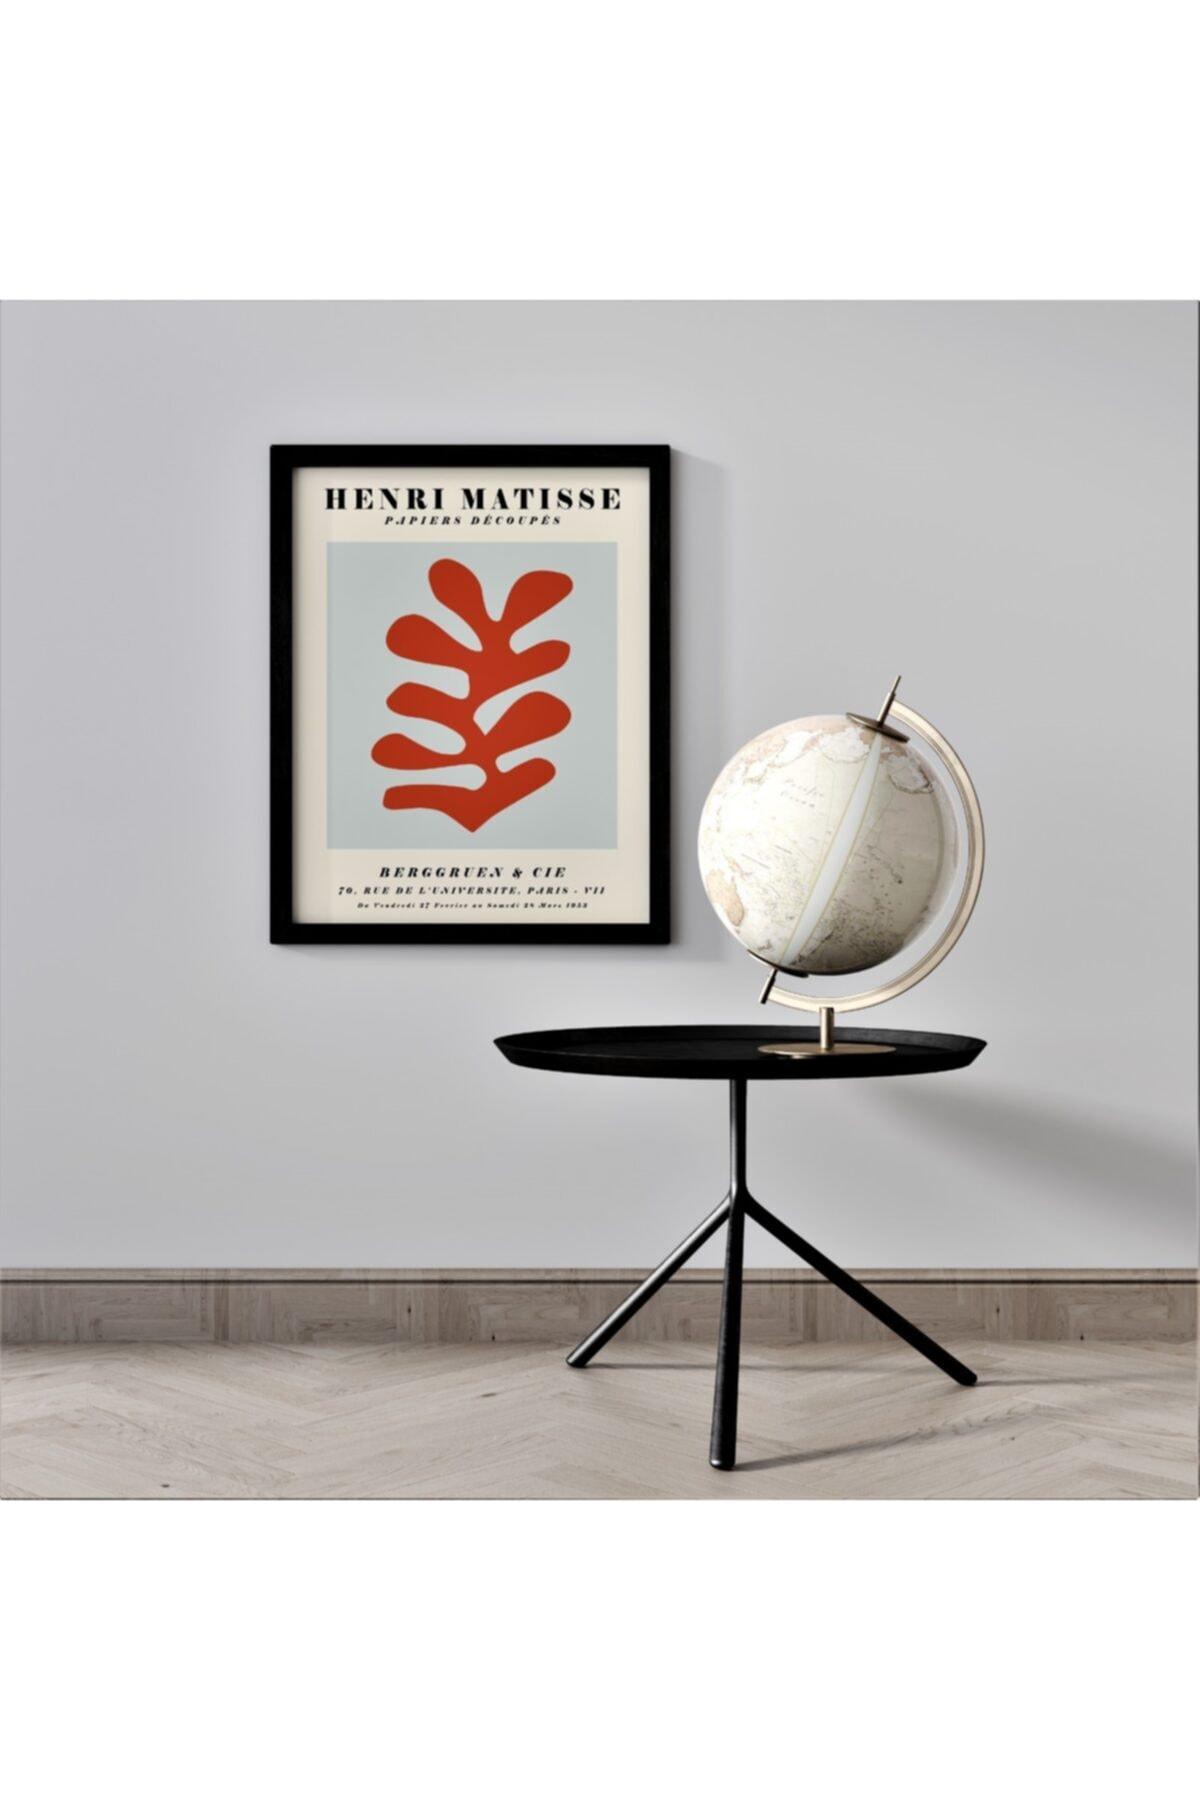 Henri Matisse 'papiers Decoupes' Paris Mdf Çerçeveli Modern Ahşap Tablo